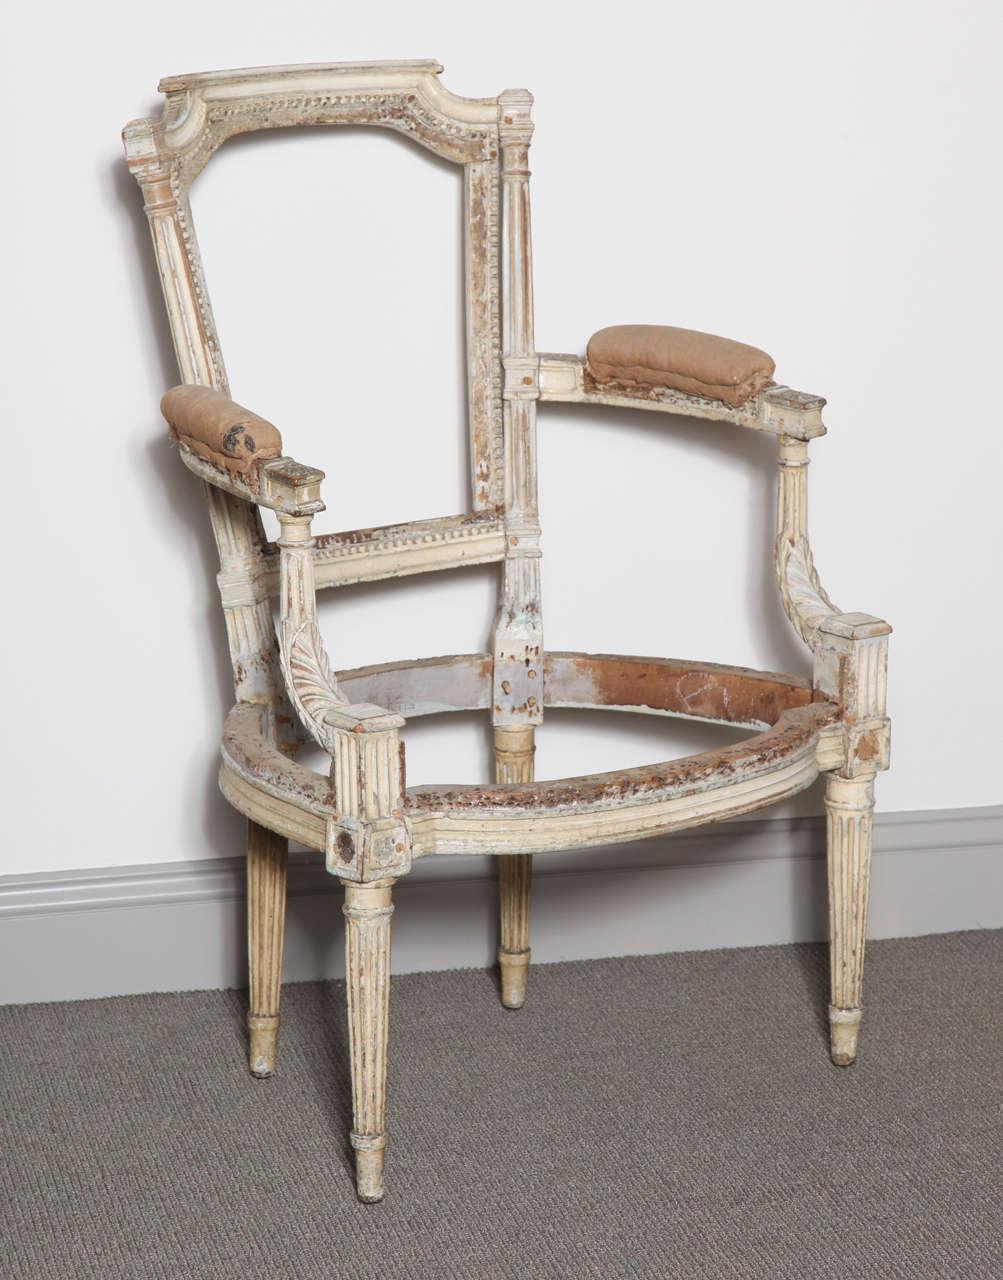 louis xvi chair frame for sale at stdibs - louis xvi chair frame